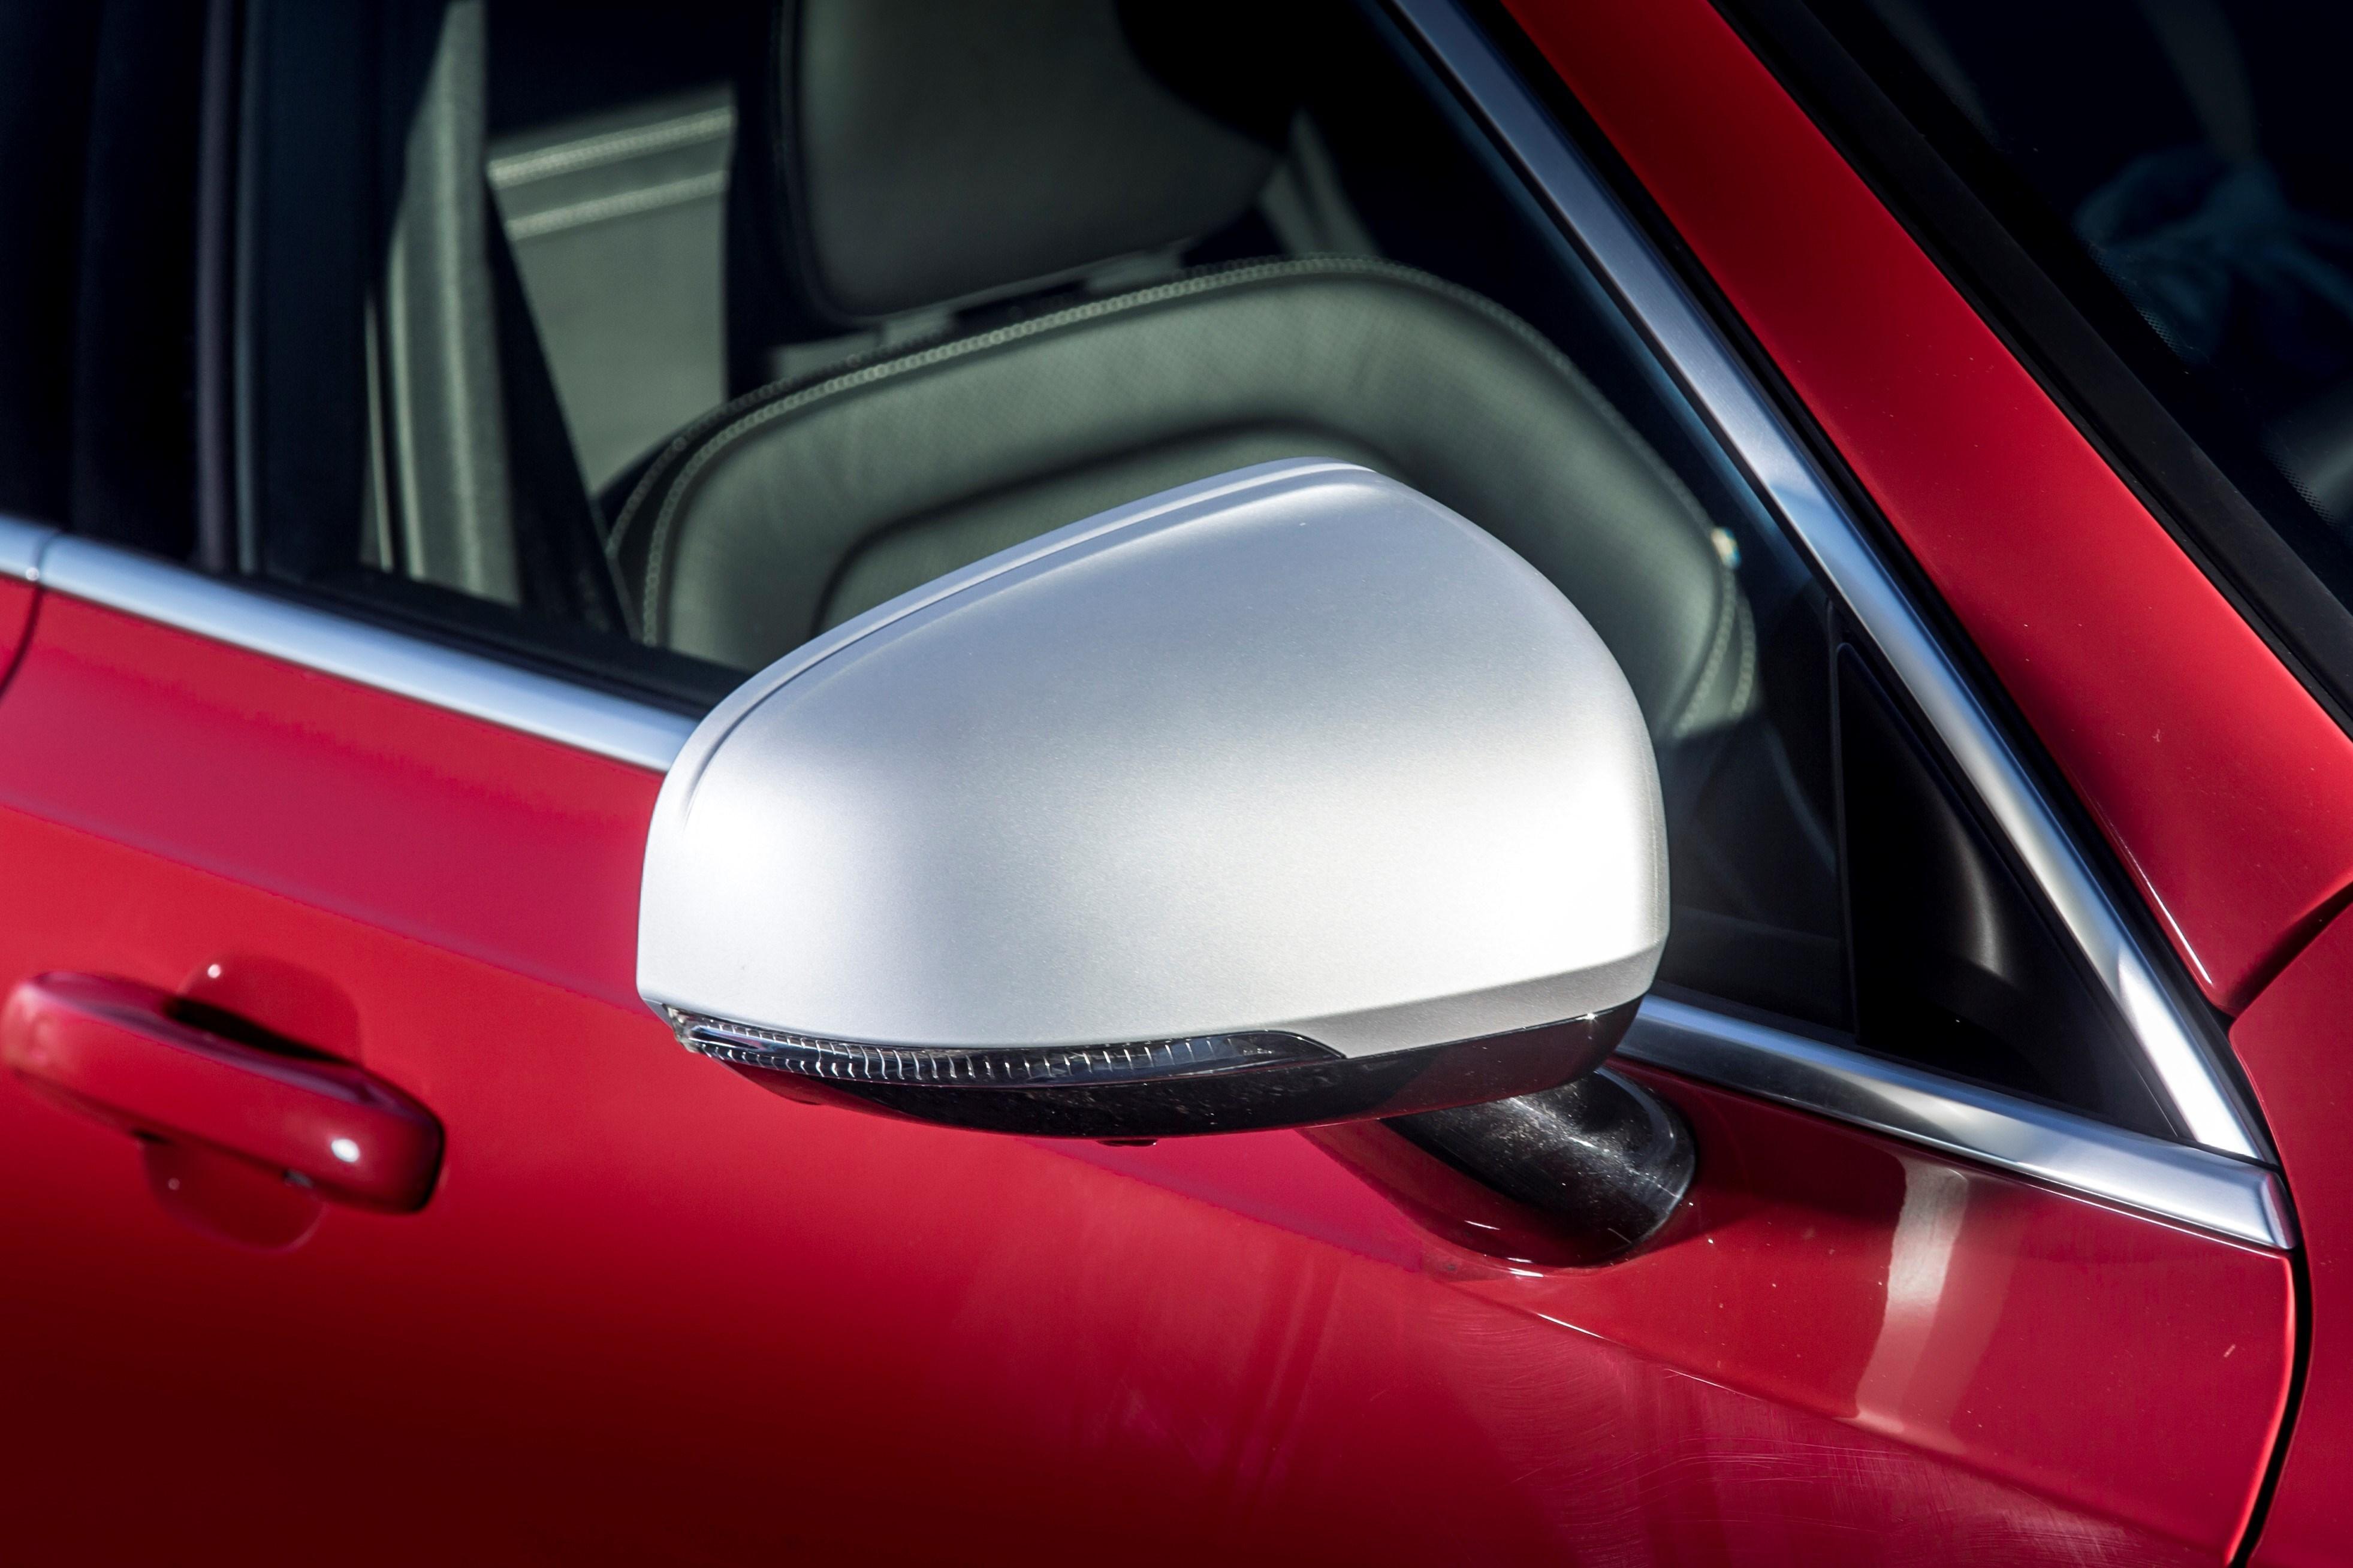 Volvo S90 R-Design wing mirror